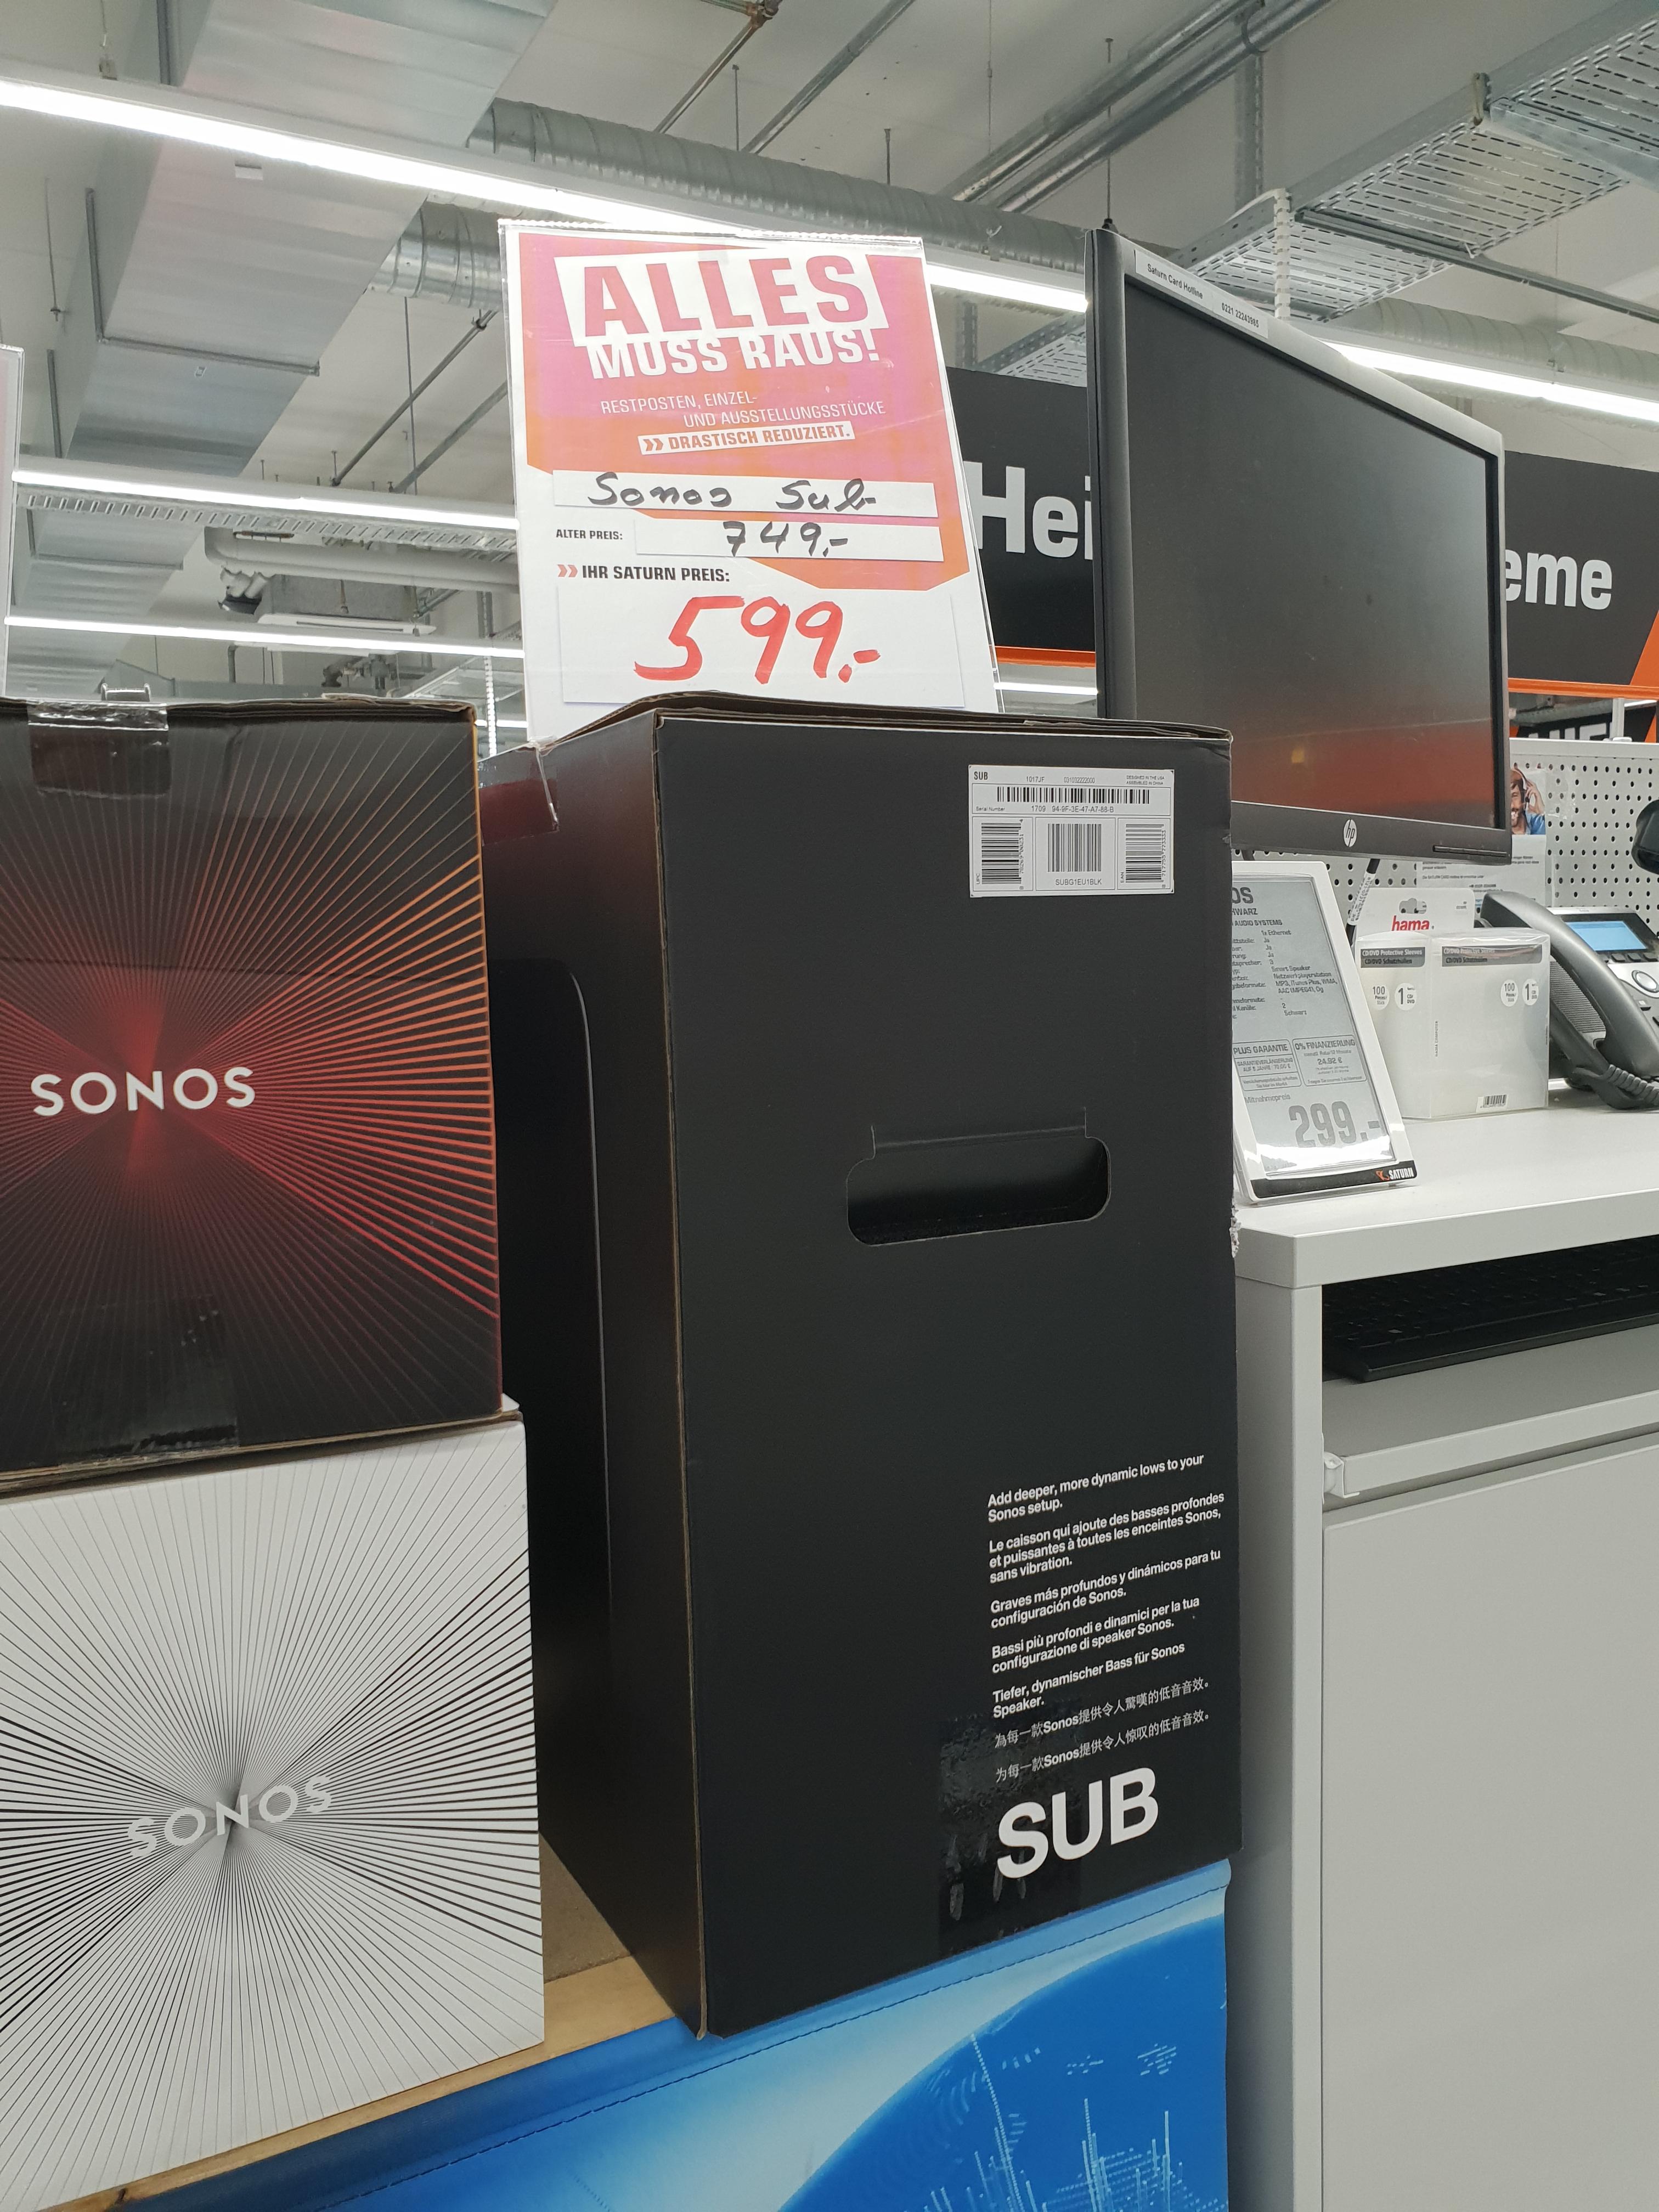 Lokal Saturn Bielefeld Sonos Play:3 199,- € und weitere Sonos Artikel reduziert